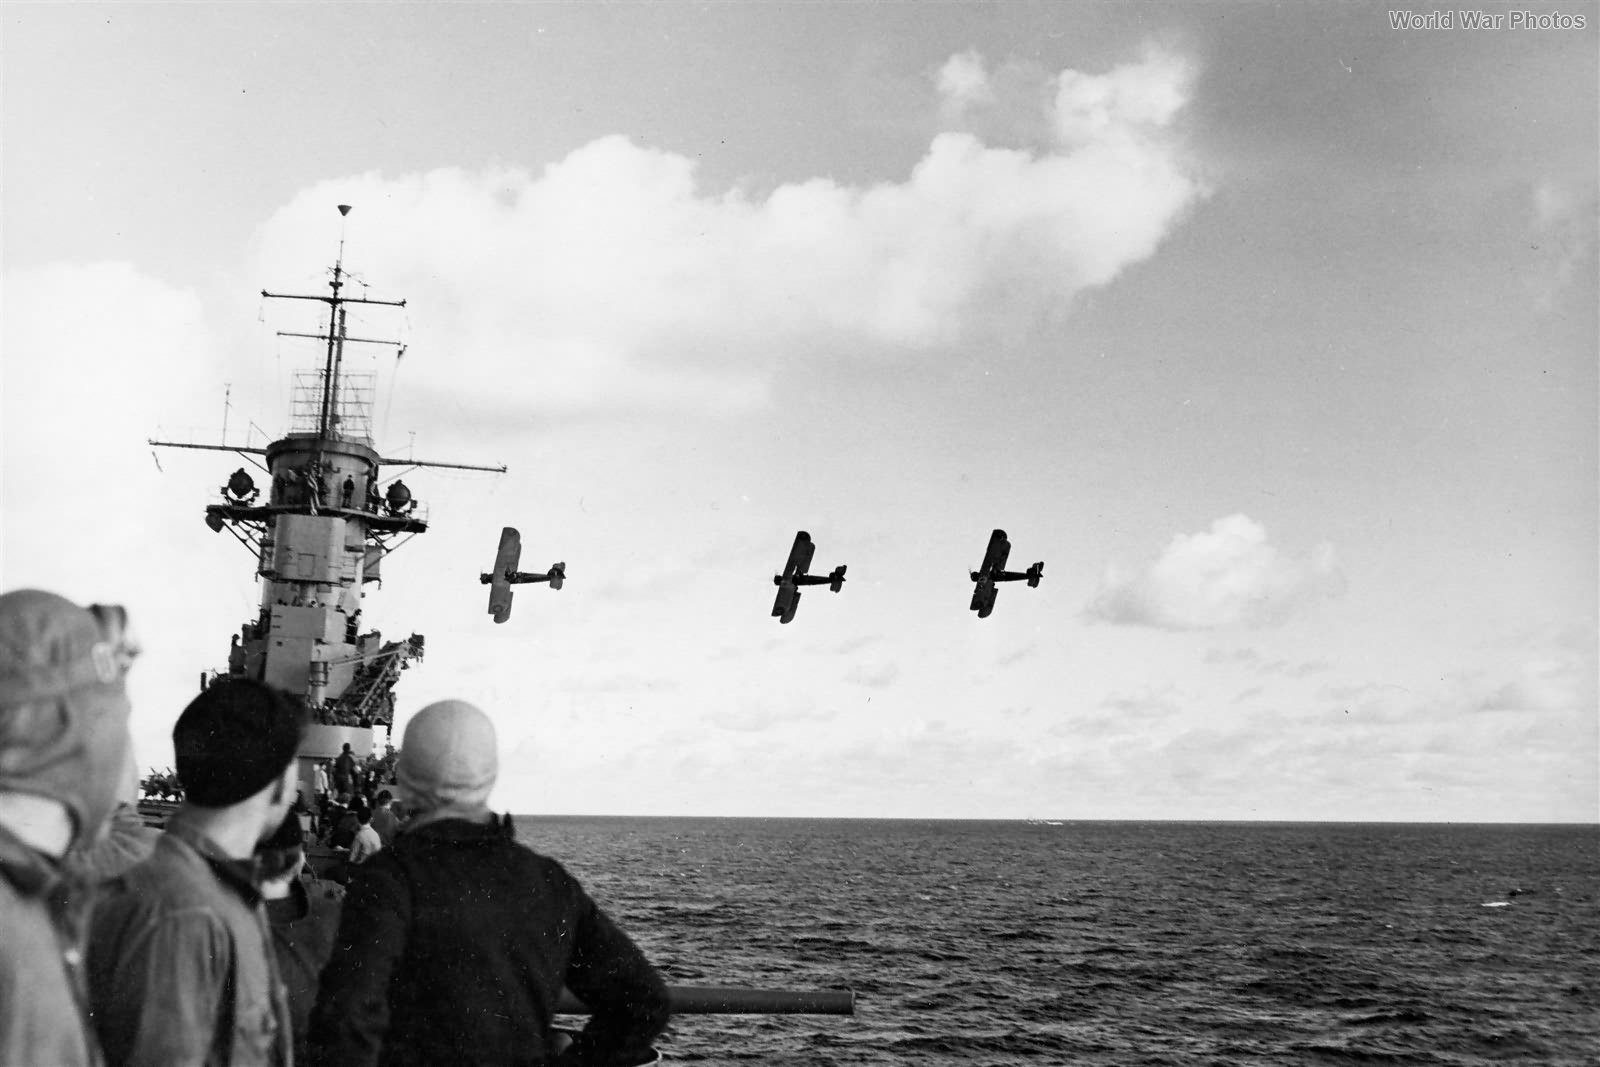 Swordfish Buzz USS Wasp 1942